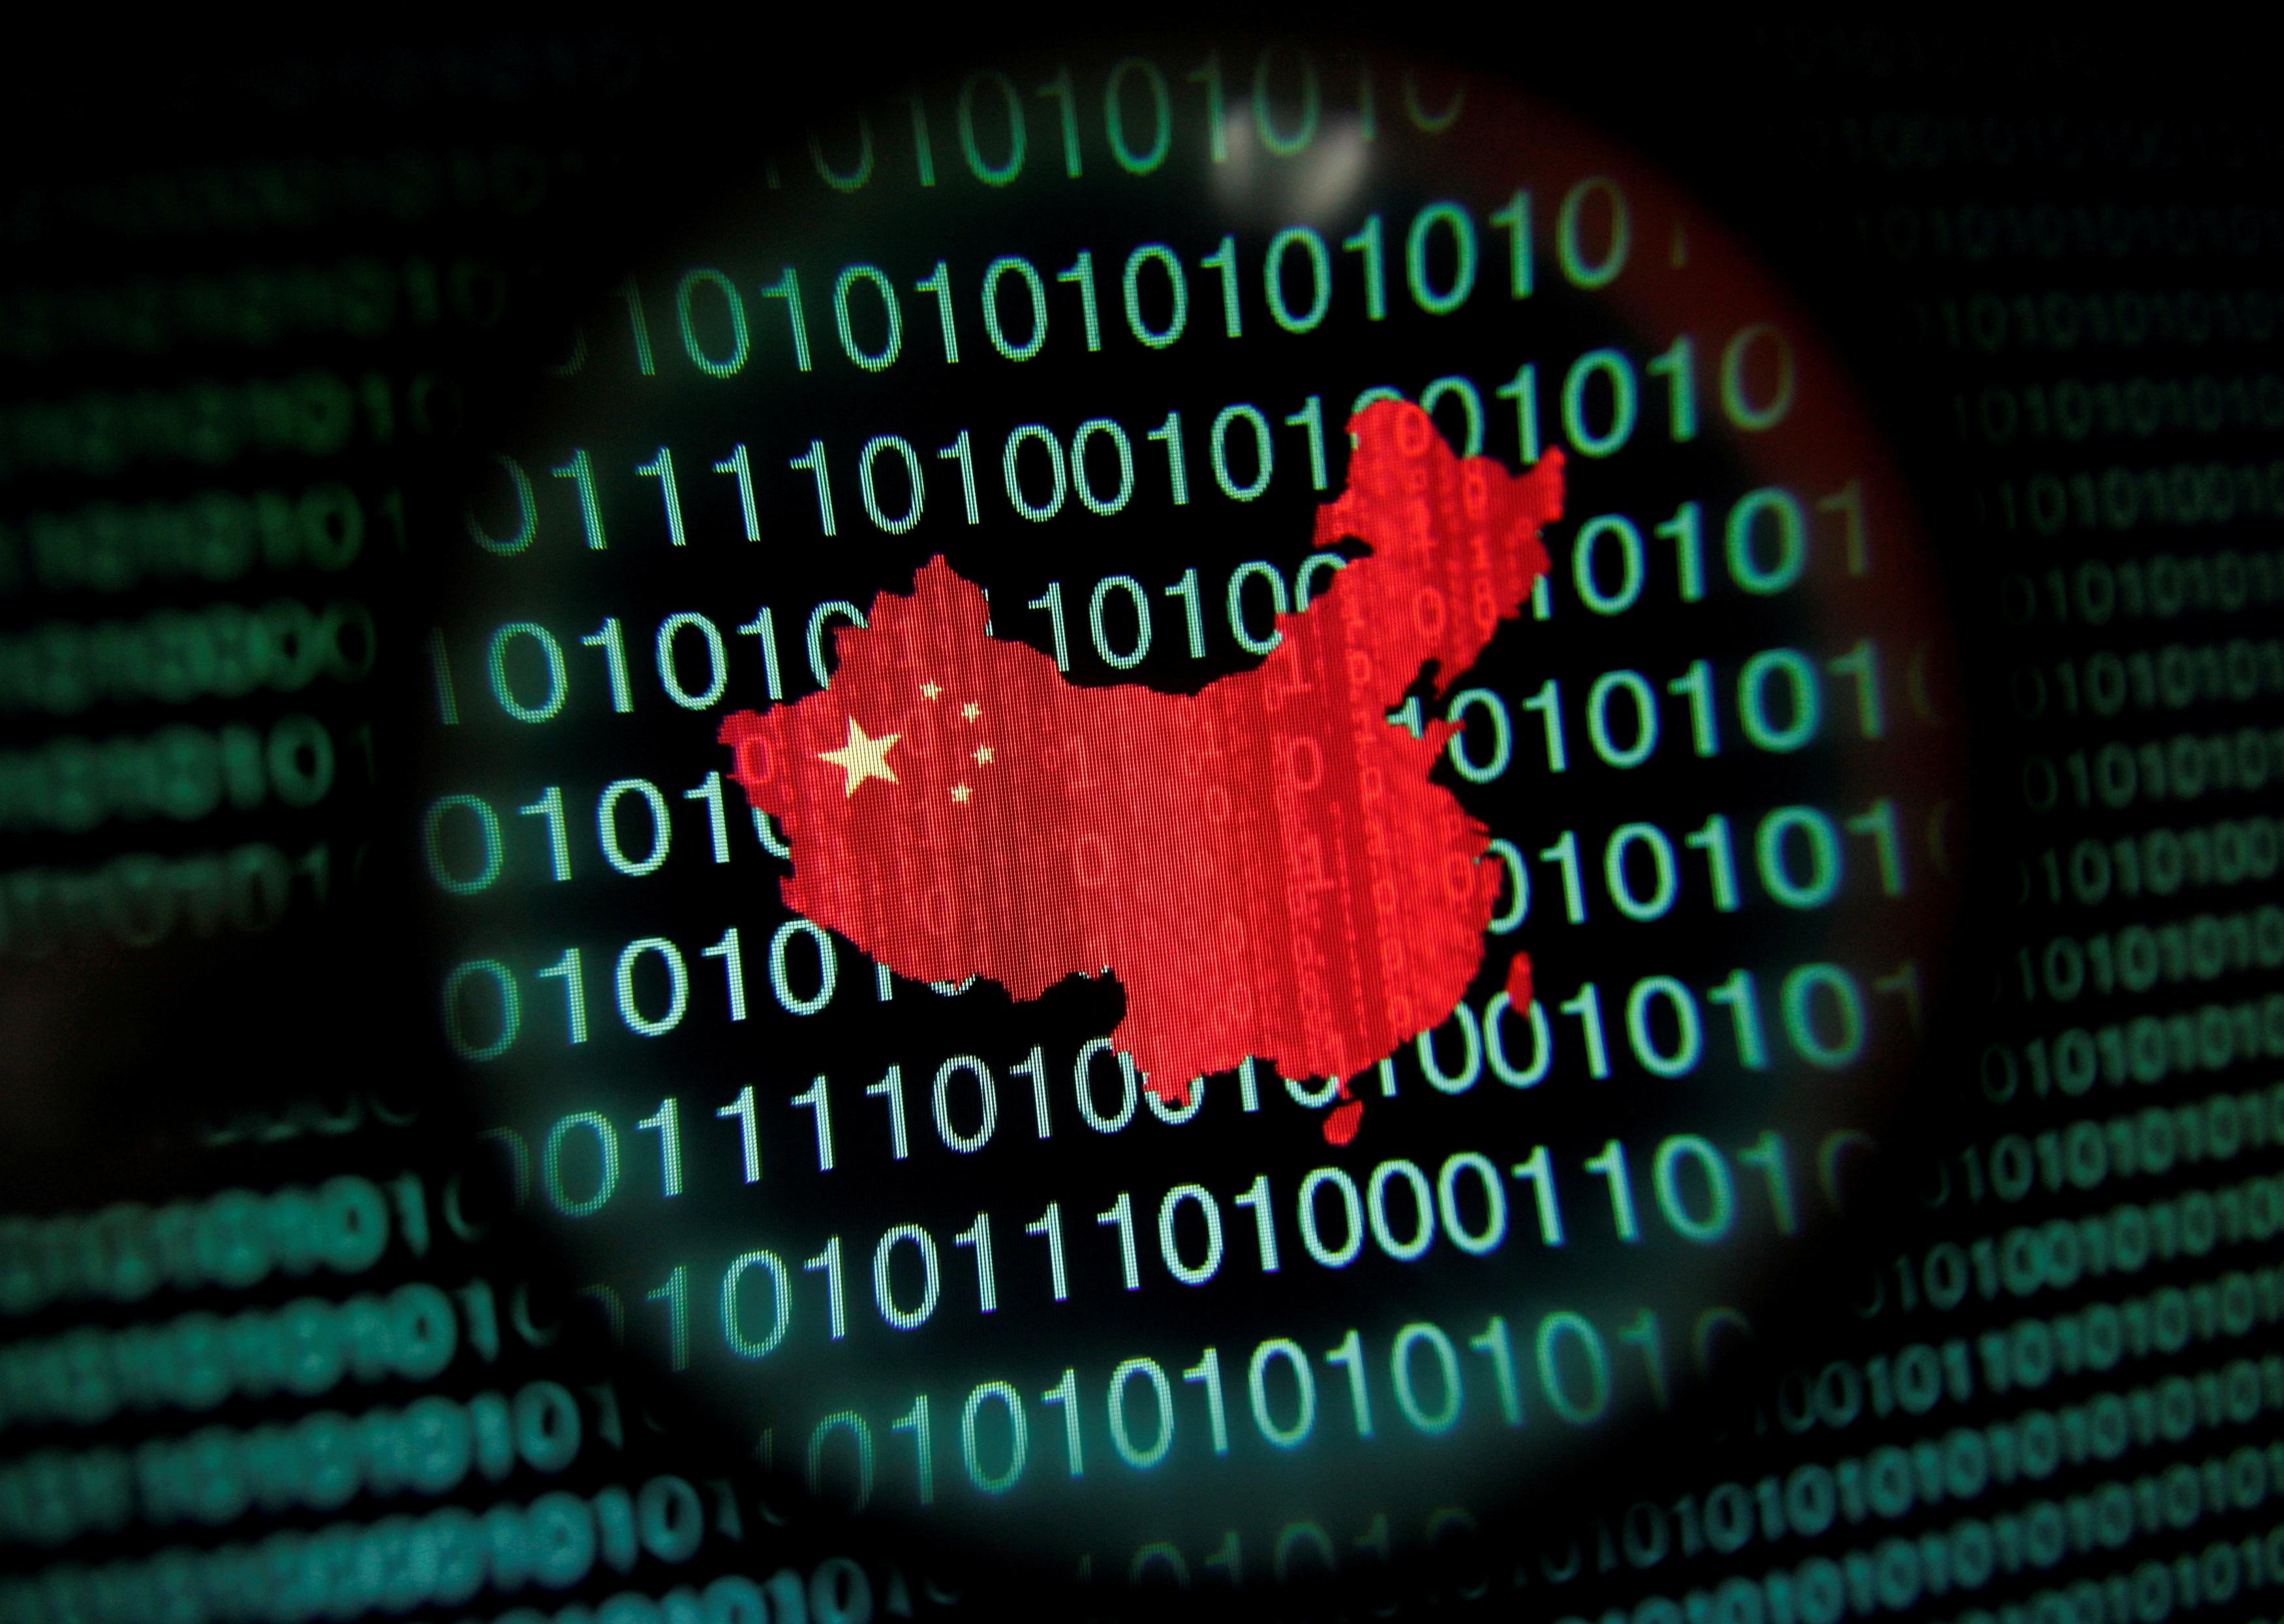 Une carte de la Chine est vue à travers une loupe sur un écran d'ordinateur montrant des chiffres binaires à Singapour dans cette illustration photo du 2 janvier 2014.  Photo prise le 2 janvier 2014. REUTERS/Edgar Su/File Photo